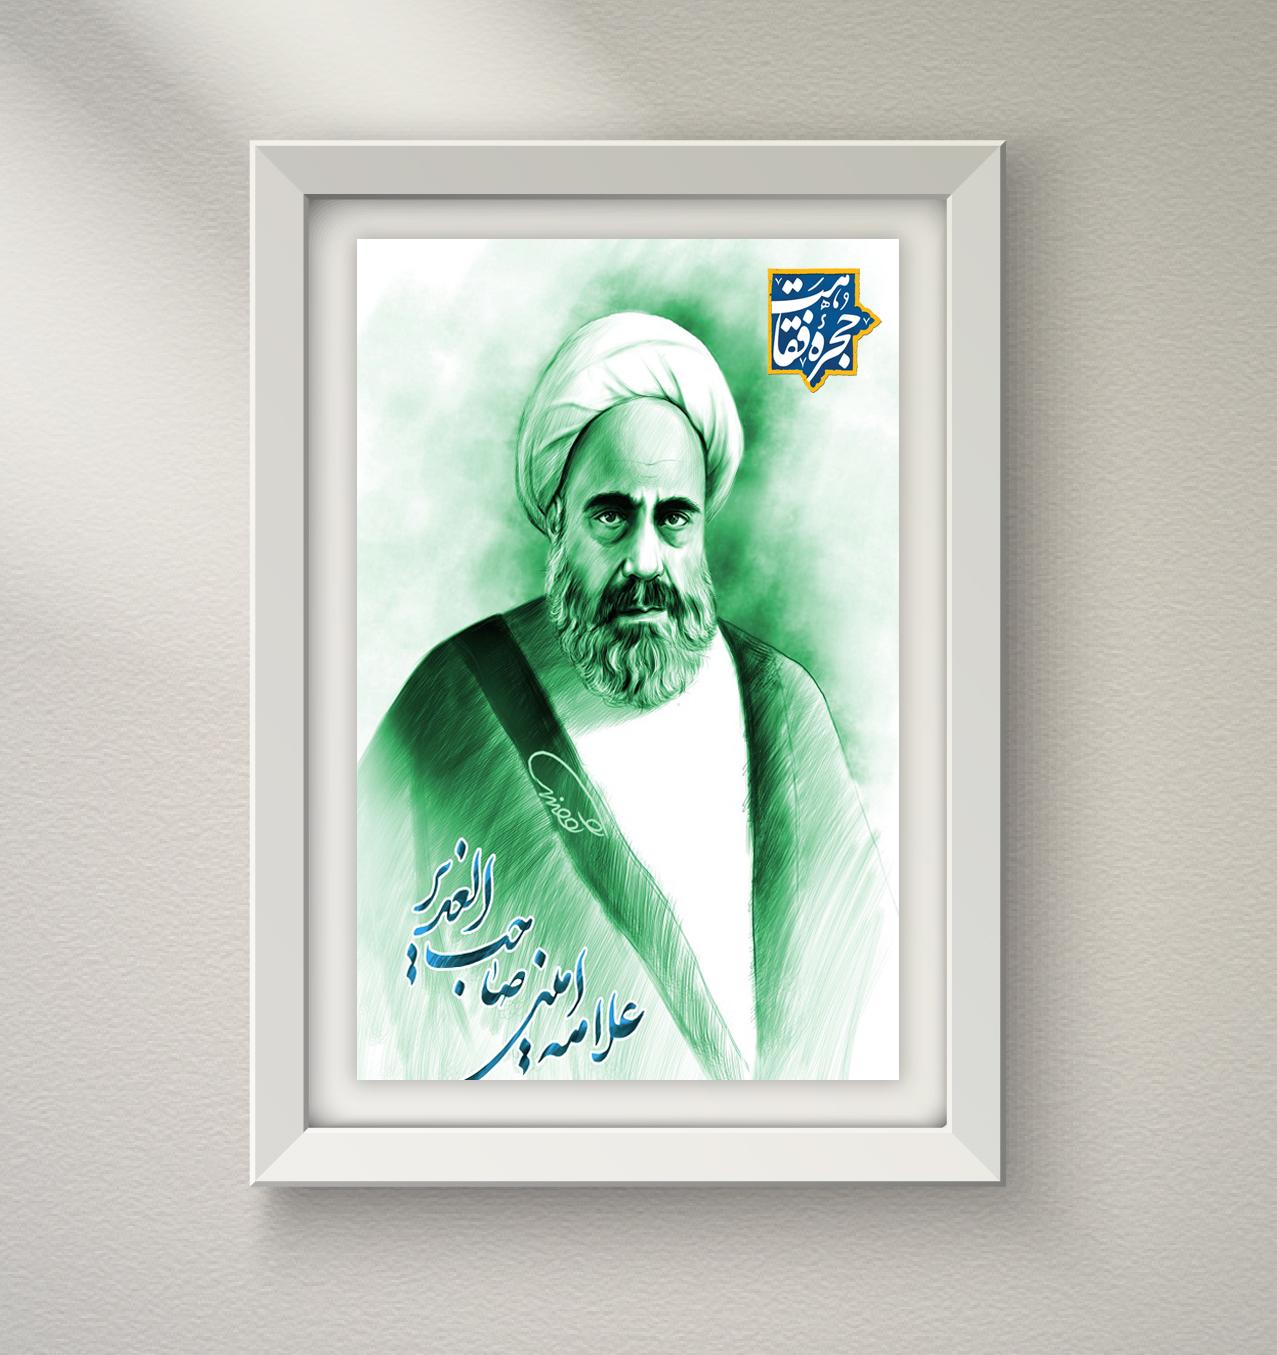 حکایات علماء | بهترین توشه علامه امینی (رحمه الله) برای آخرت!